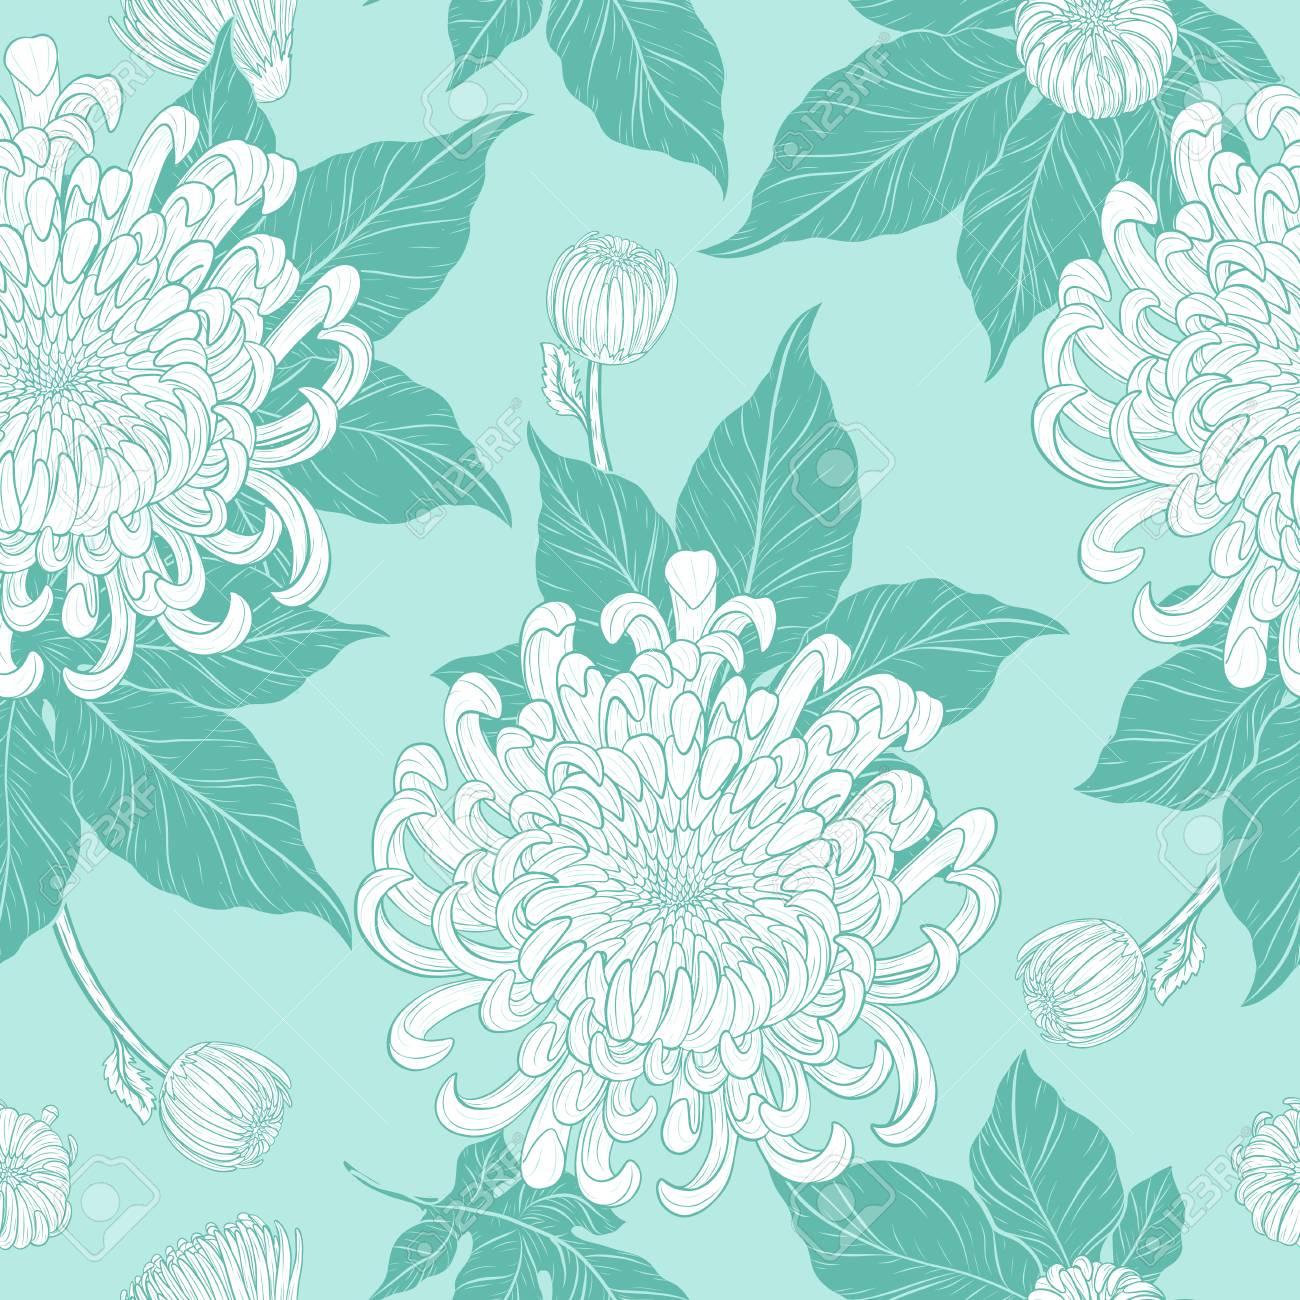 motif de chrysantheme sur fond vintage fond d ecran fleur a la main dessin papillon avec vecteur de papier peint fleur vintage